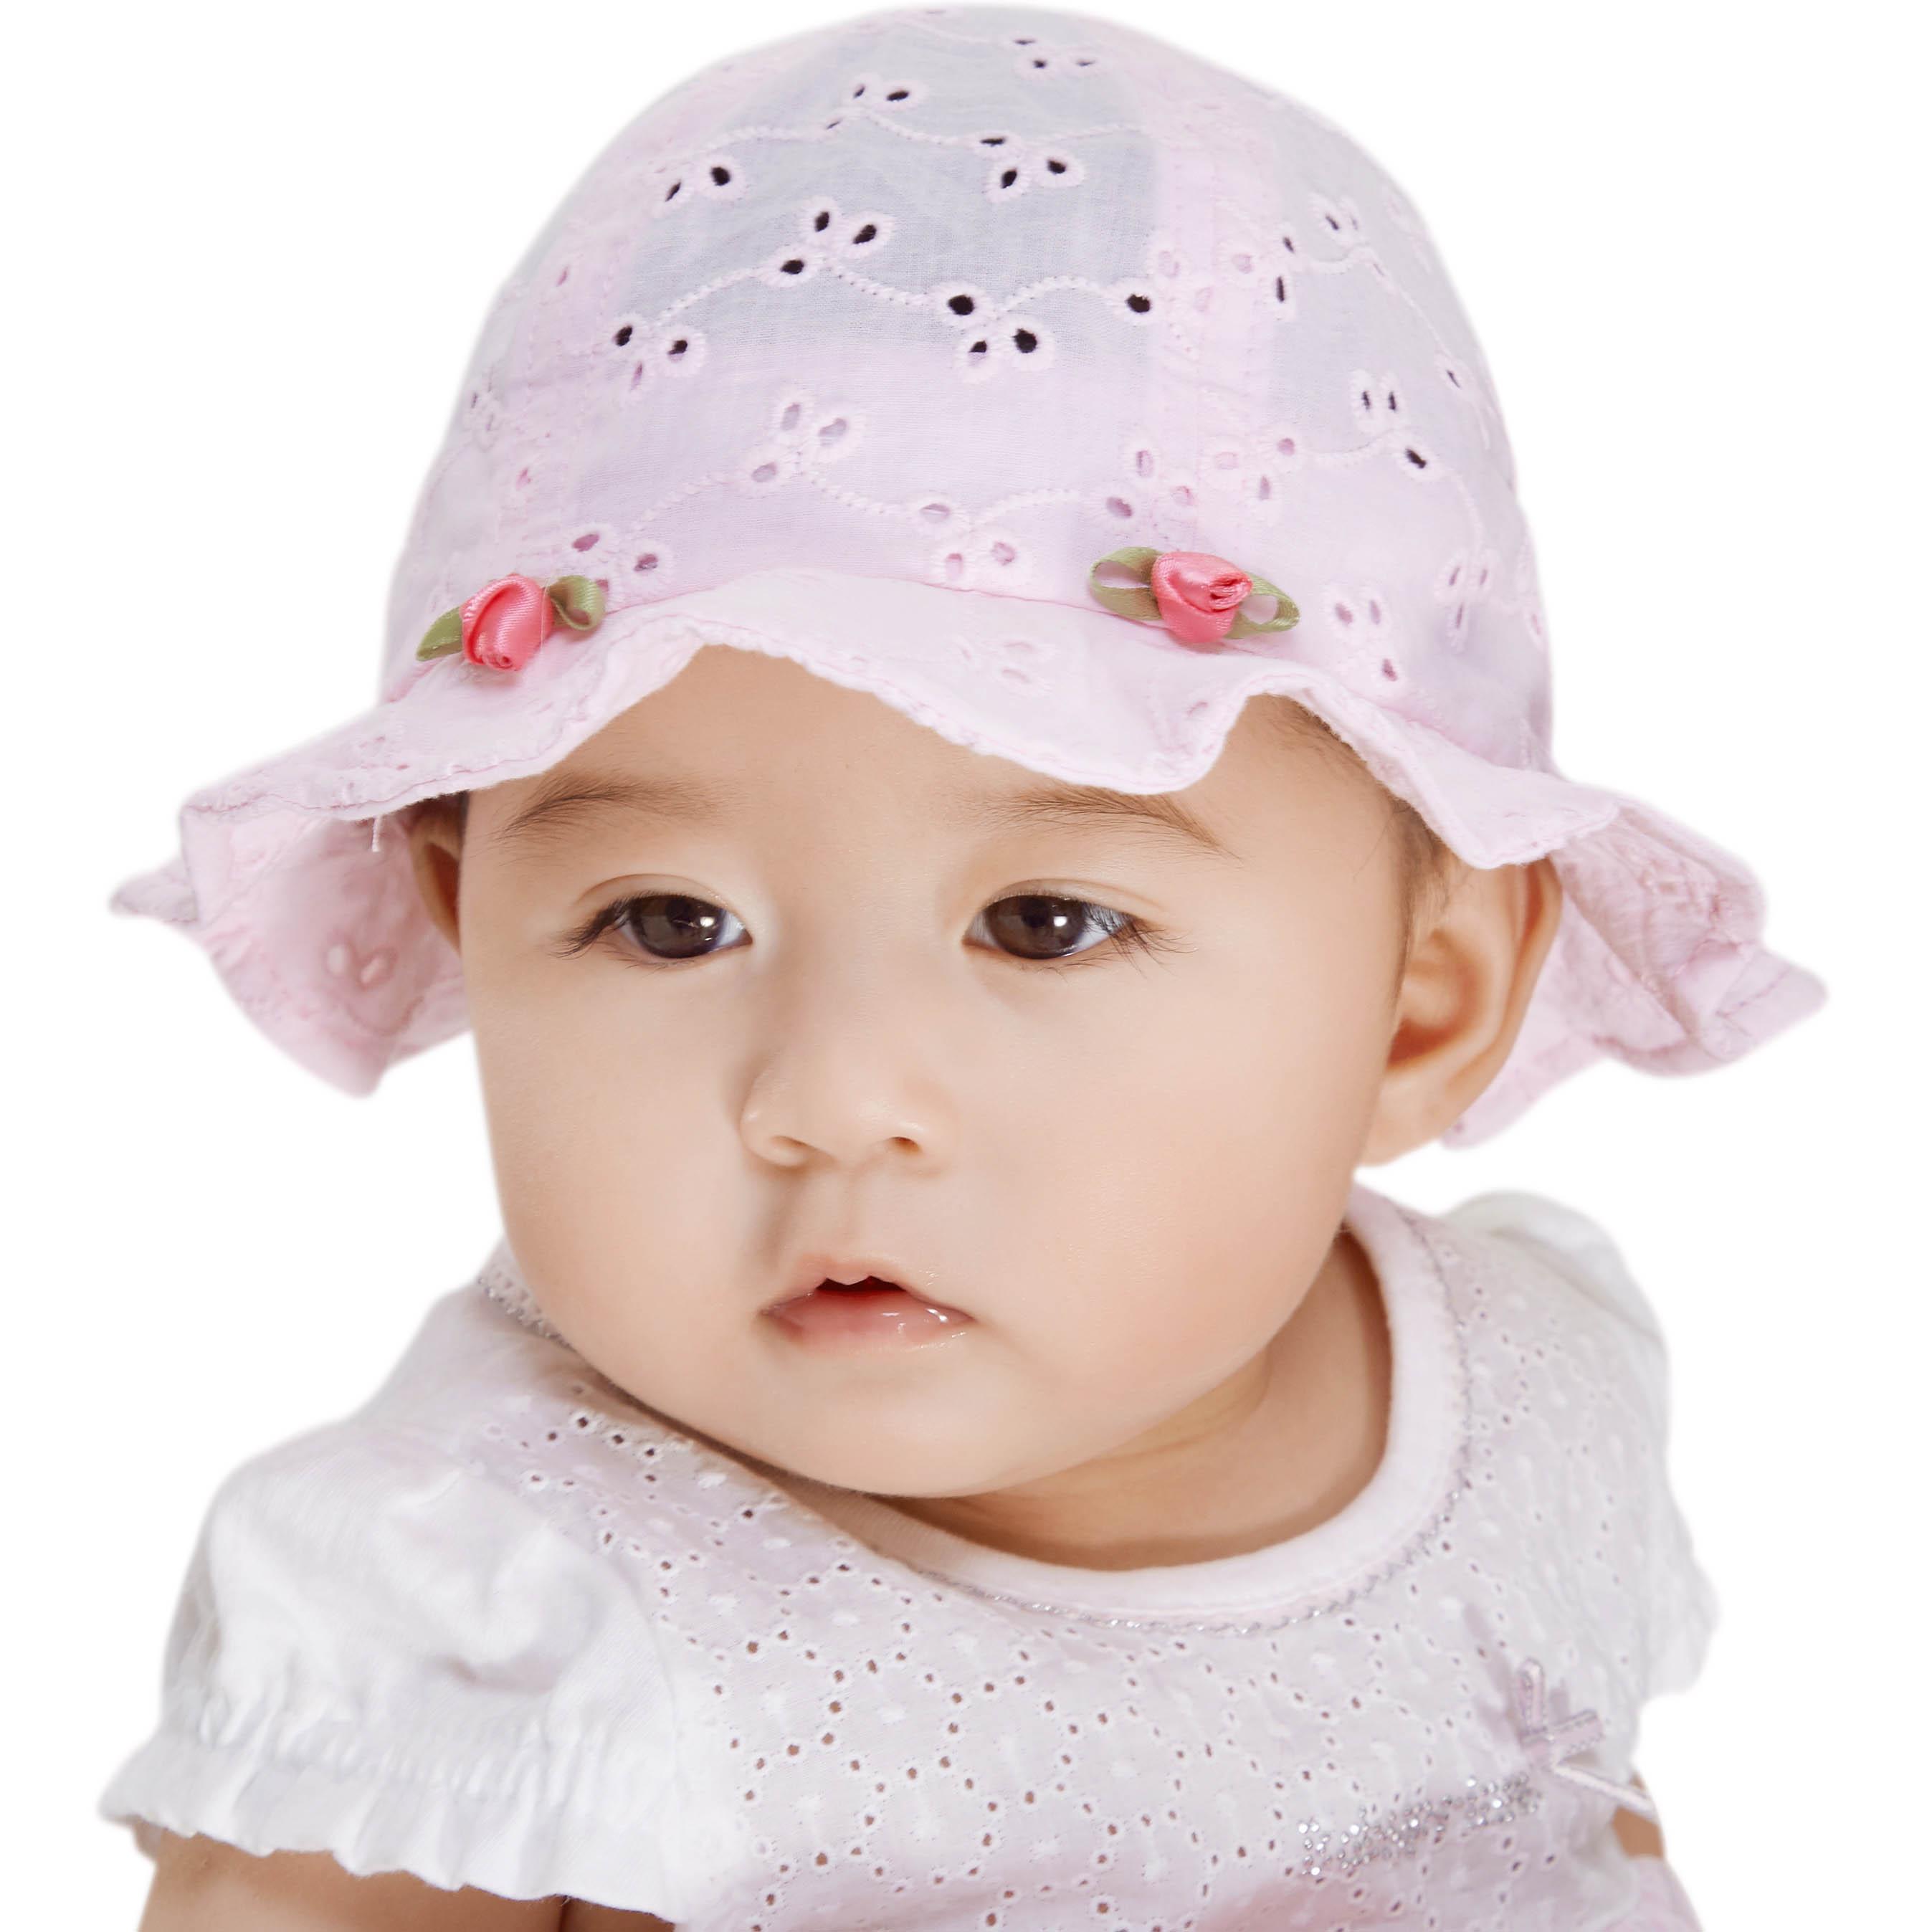 女寶寶 嬰兒靚冠兒帽子 公主透氣遮陽帽個月盆帽防曬